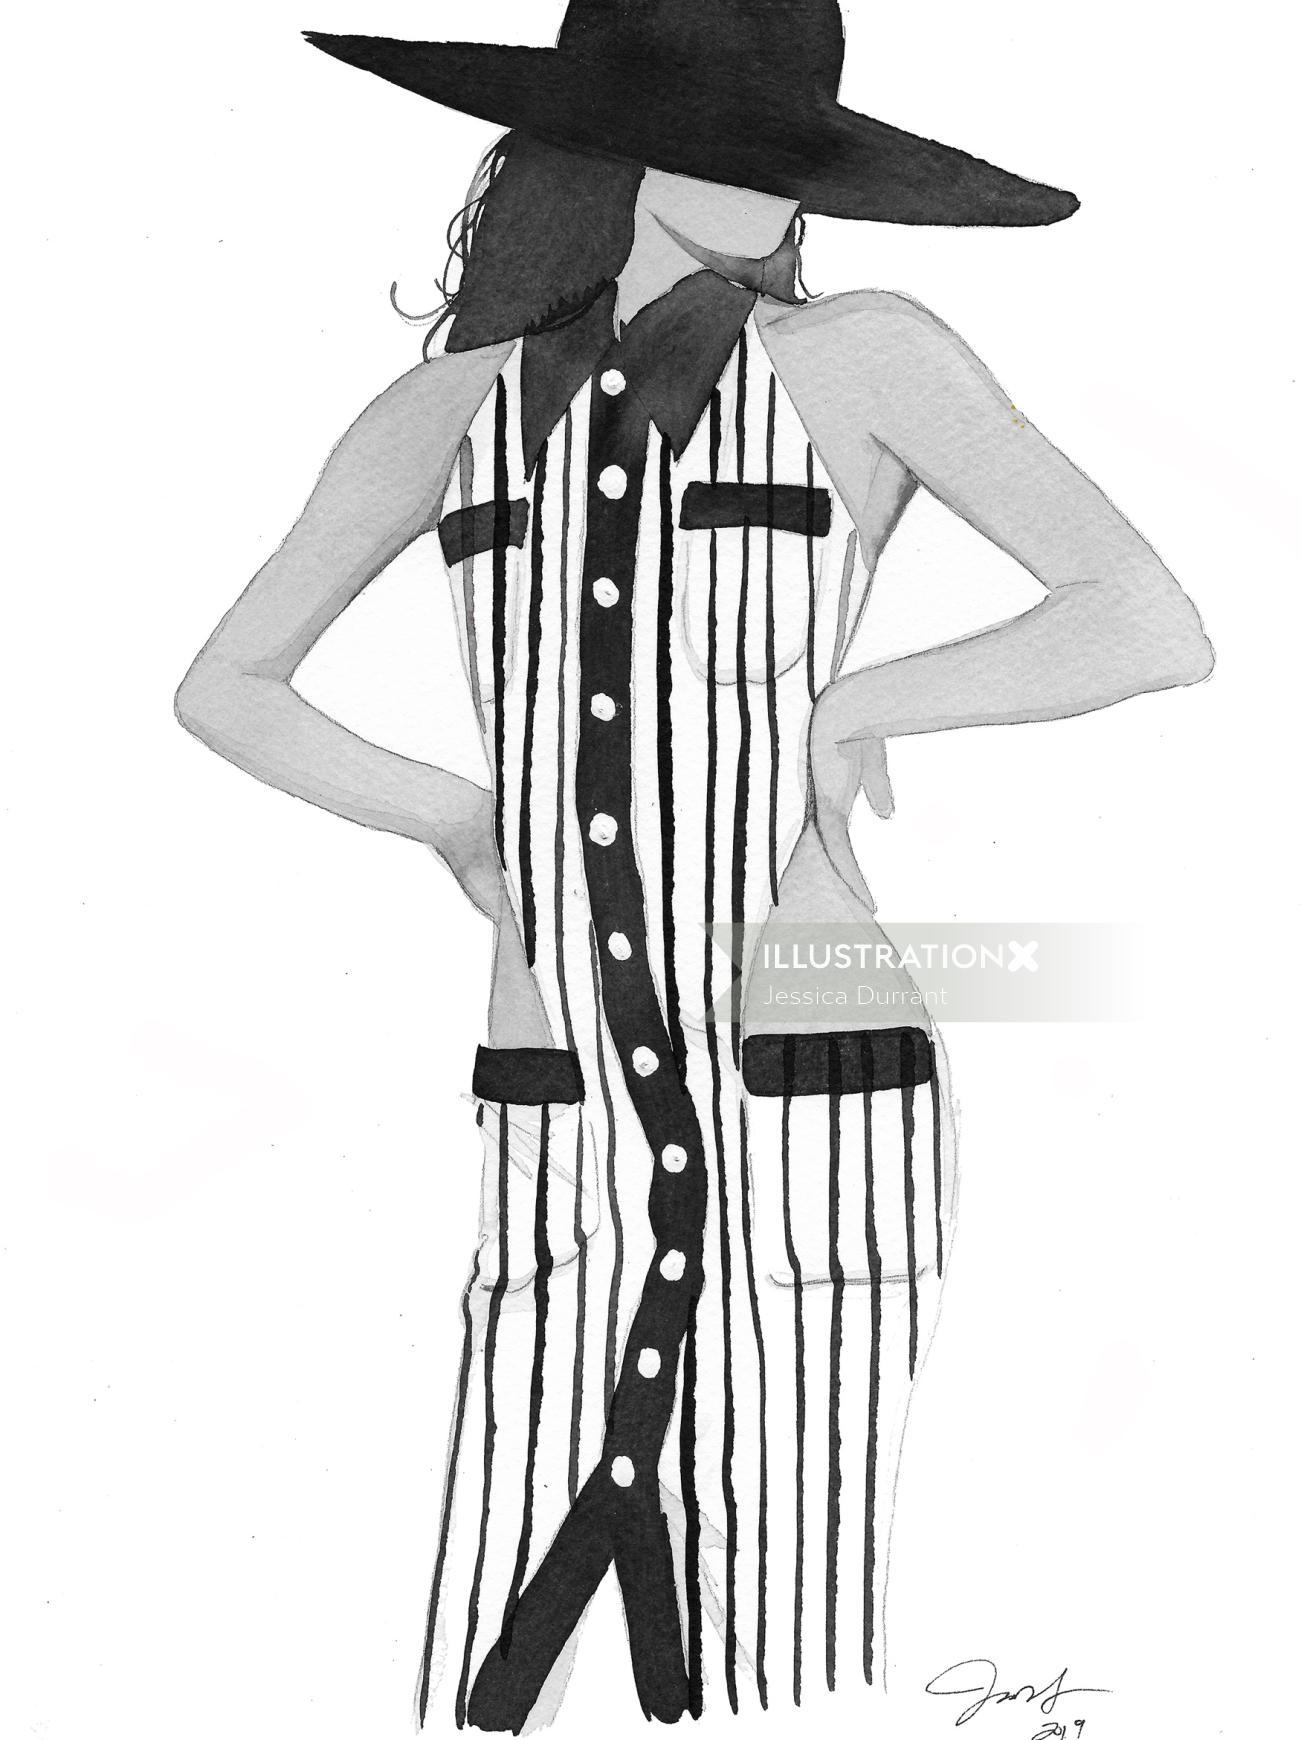 Stylistic beauty in stripped dress